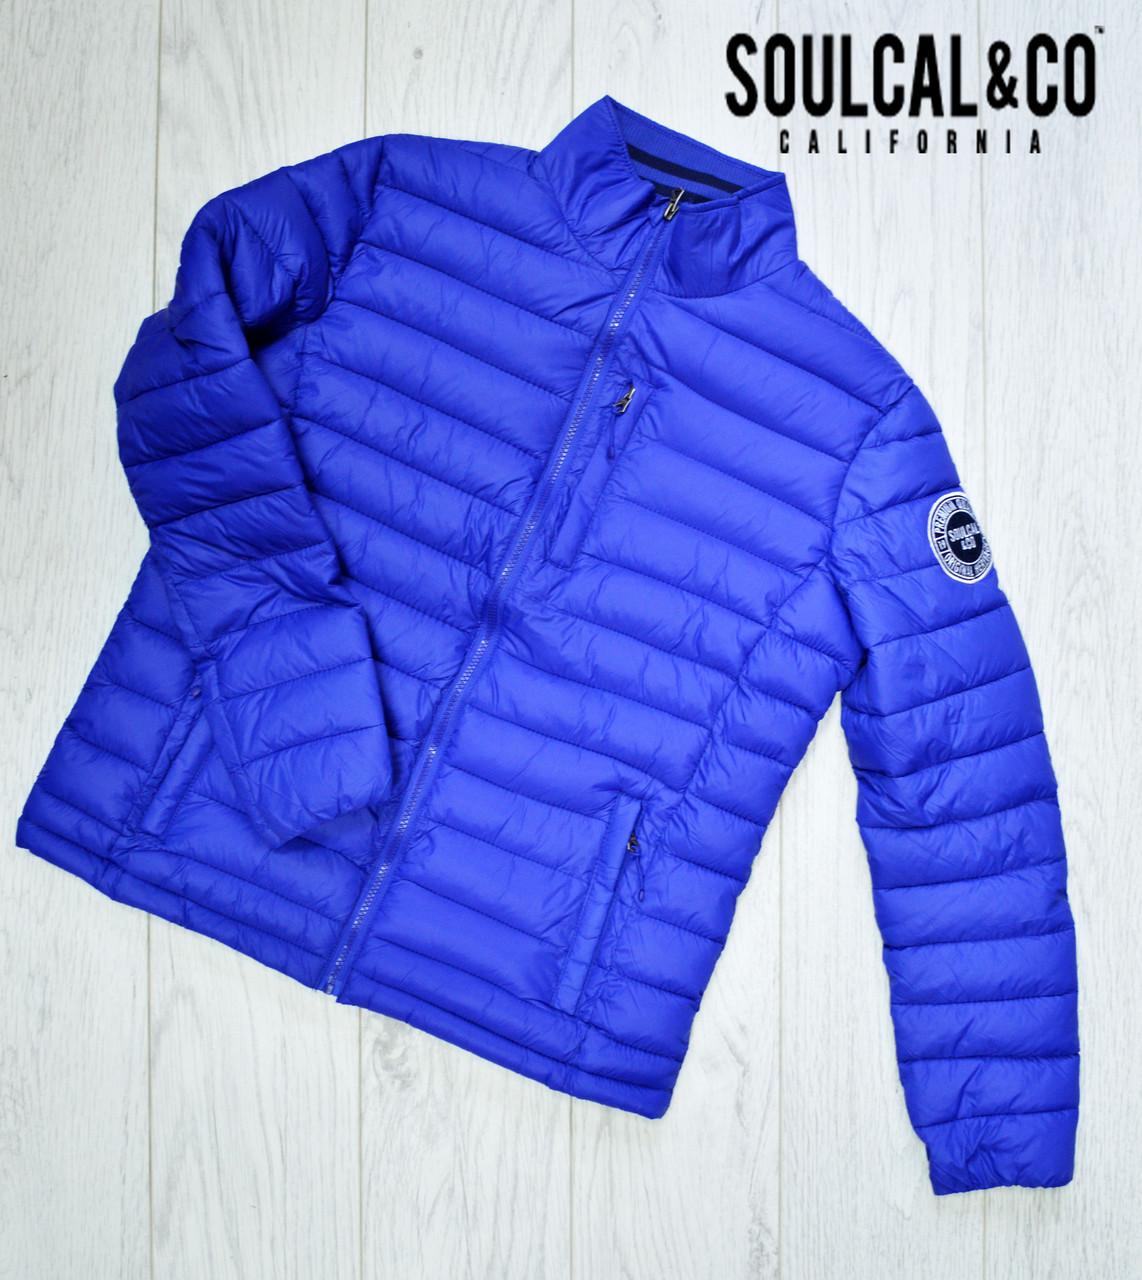 Мужская куртка SoulCal соулкол  Оригинал демисезонная весна осень синяя размер М